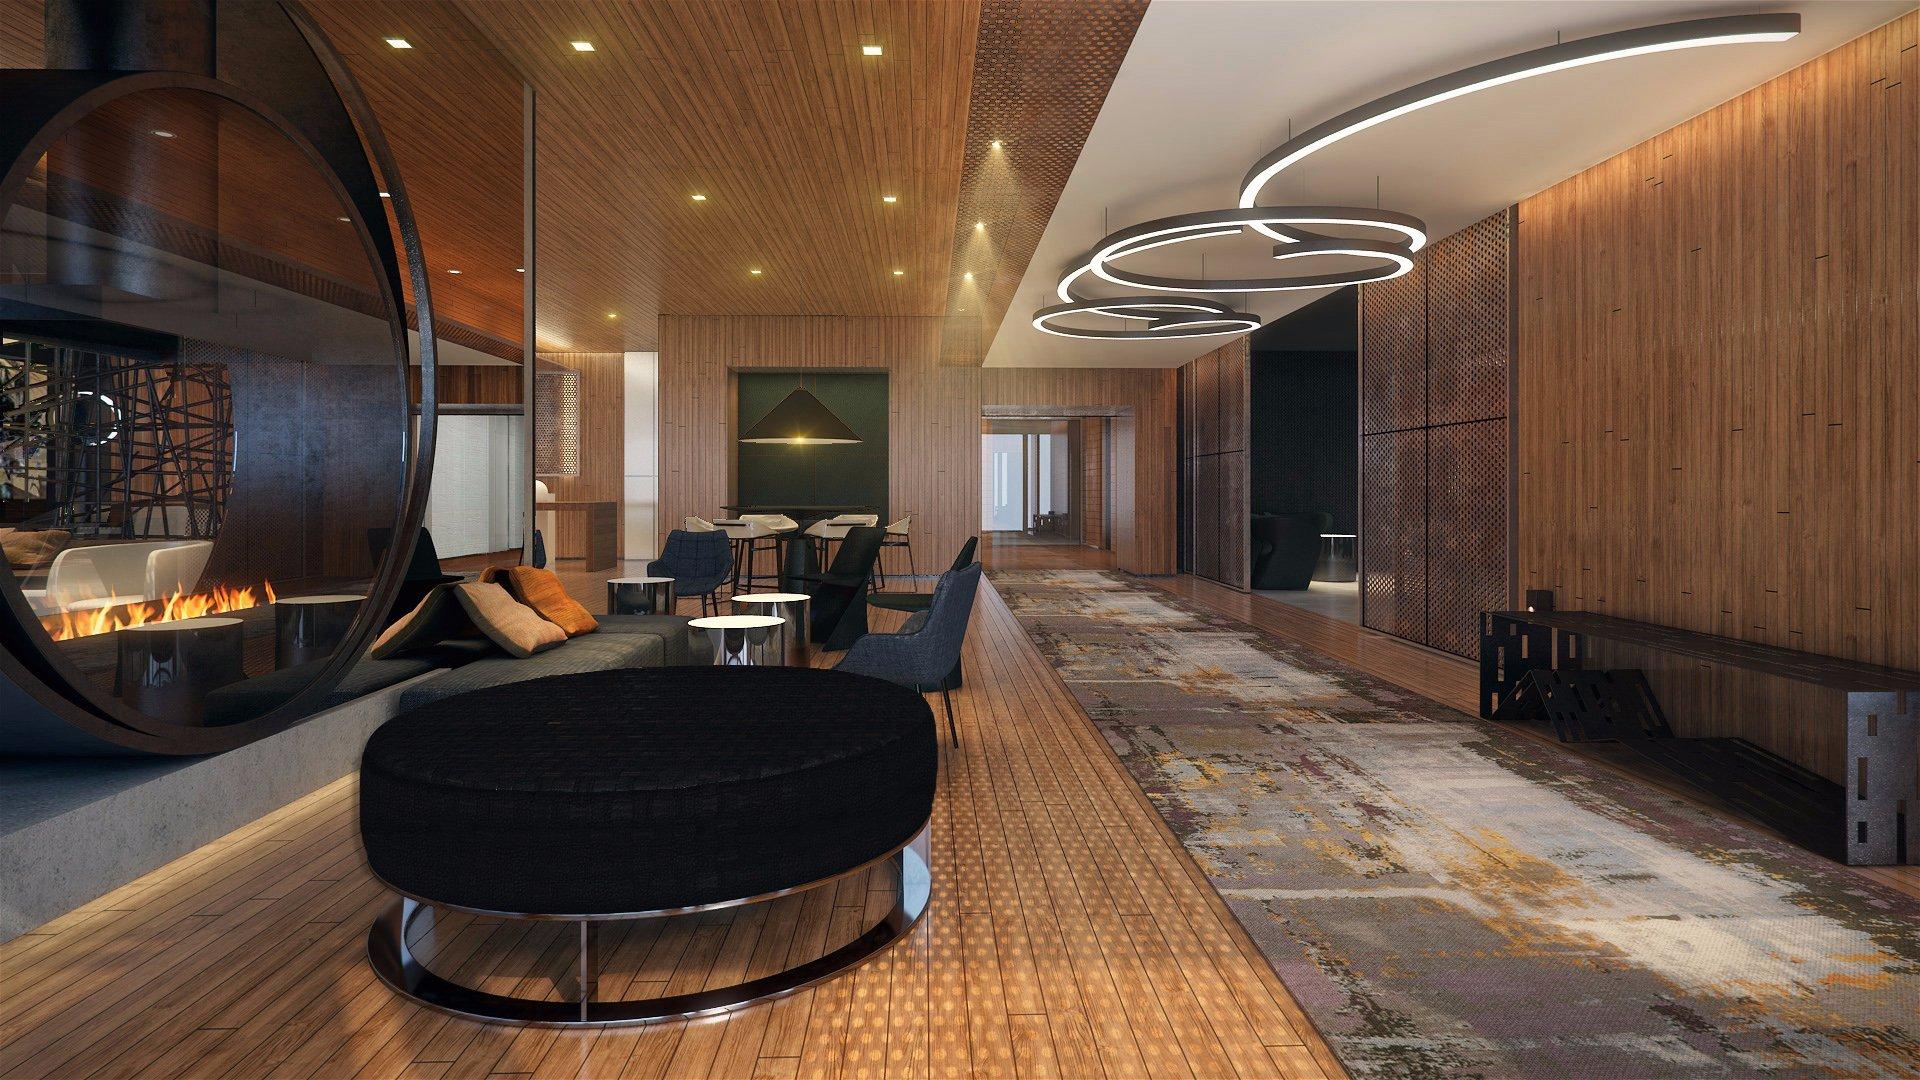 洛杉磯帕羅瑪酒店——韋斯特伍德——金普頓酒店連鎖